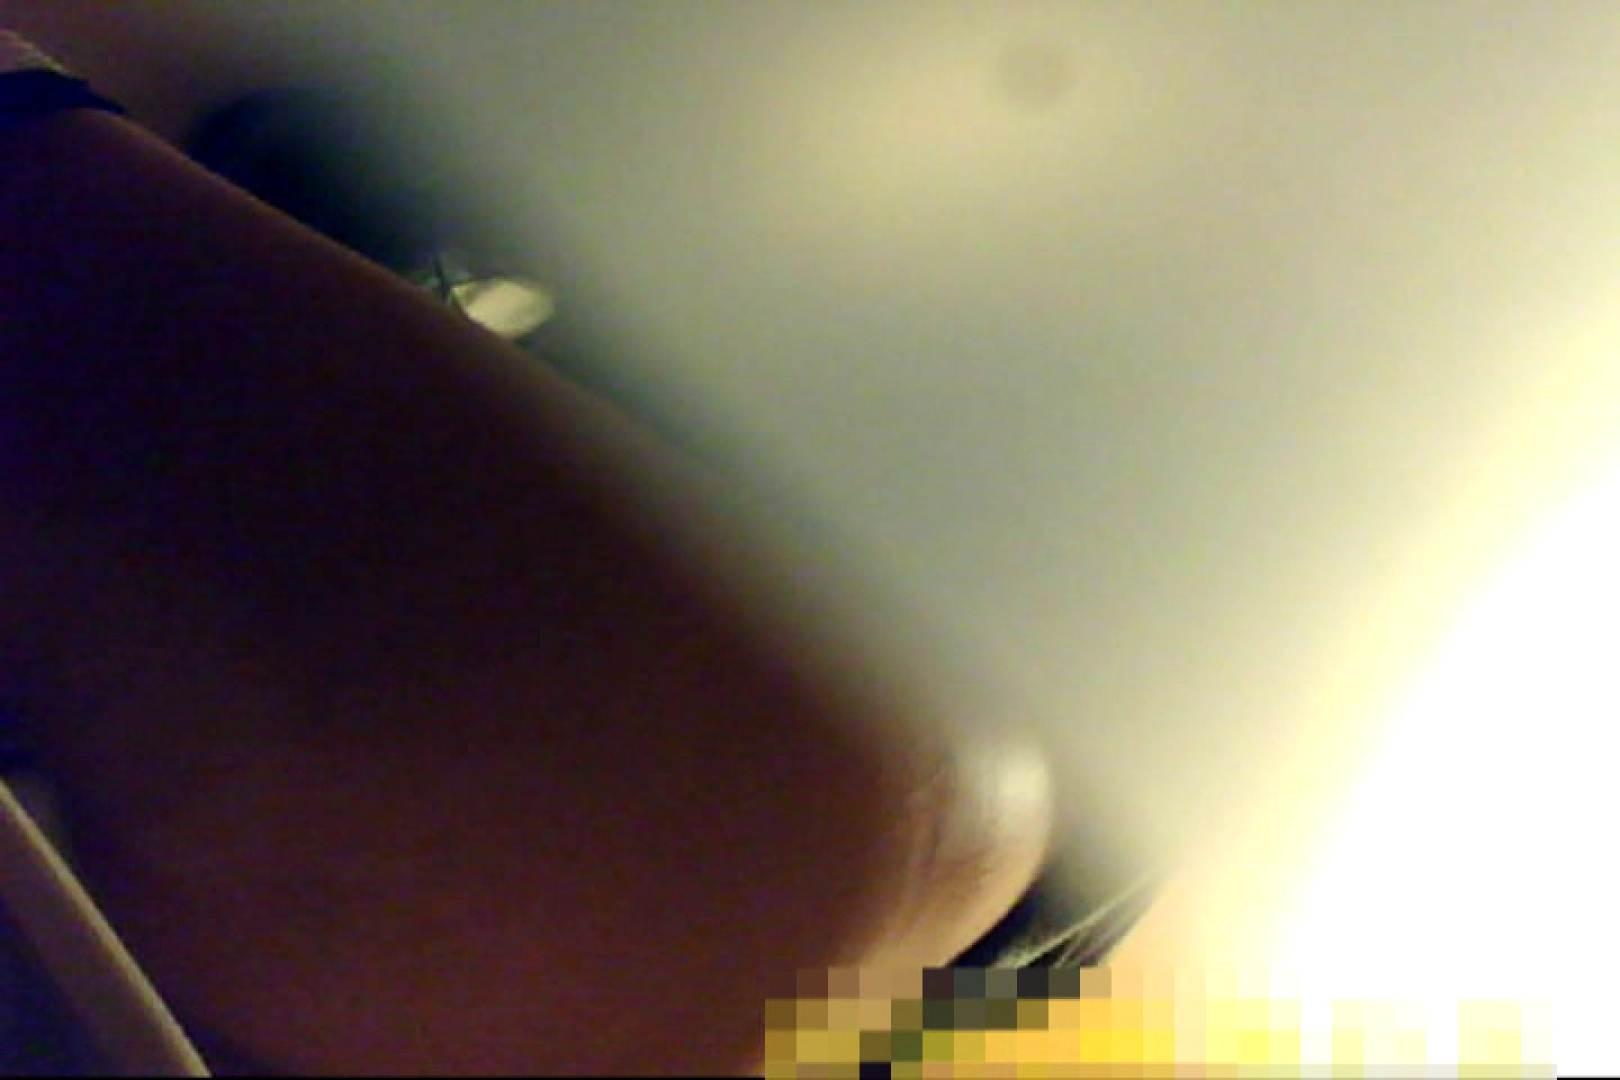 魅惑の化粧室~禁断のプライベート空間~31 洗面所 | プライベート映像  64pic 61